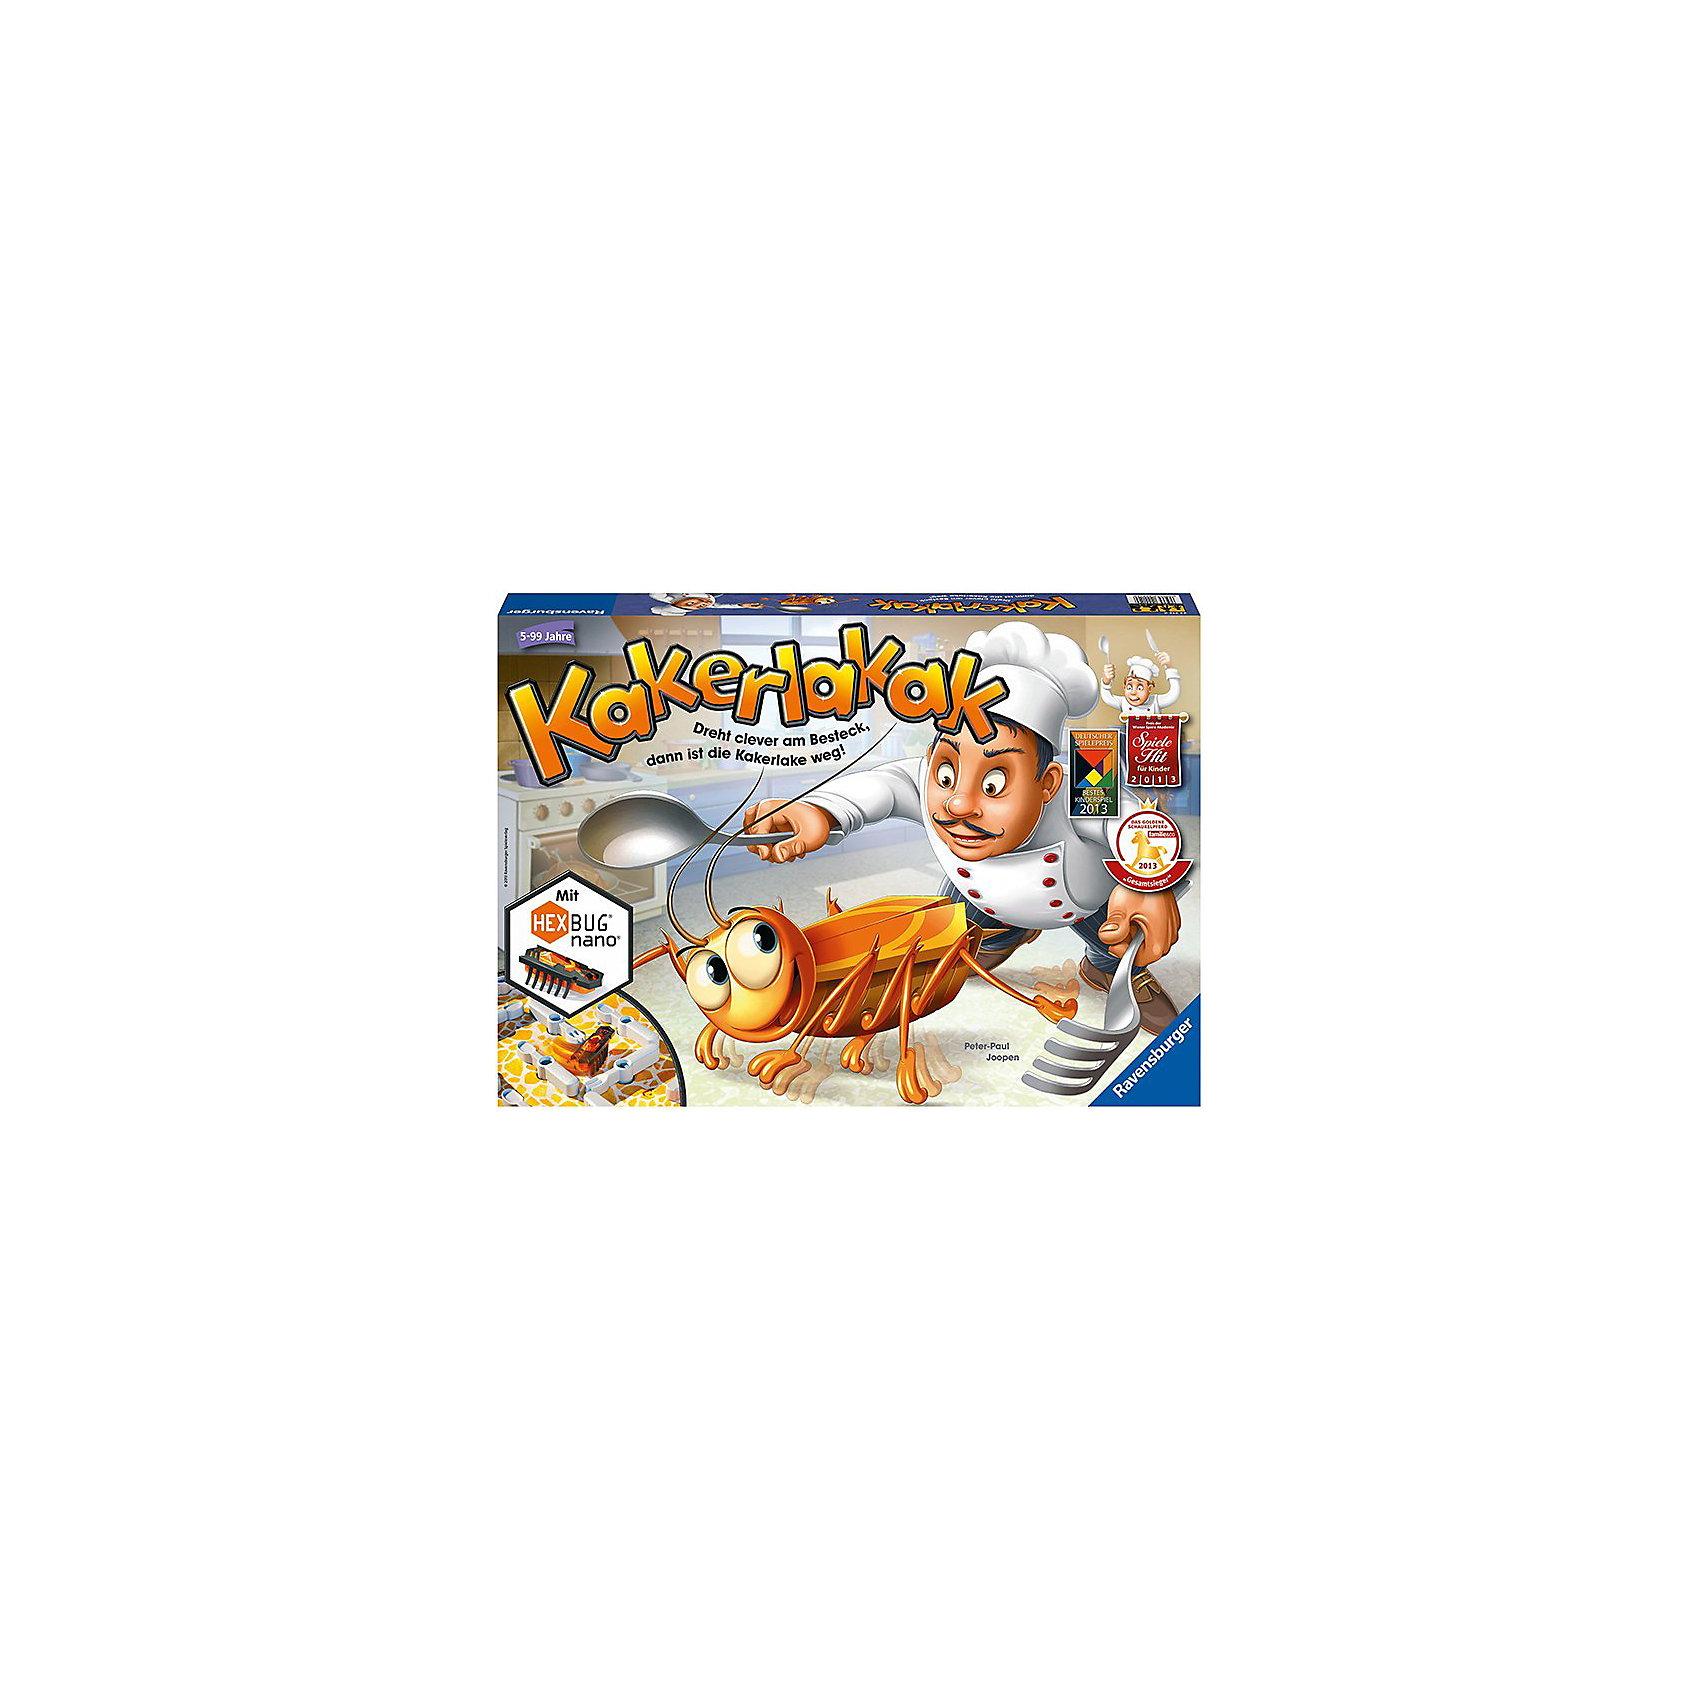 Игра Кукарача, RavensburgerИгра Кукарача - еще одна оригинальная новинка от немецкого бренда Ravensburger. Эта смешная и занимательная интерактивная игра доставит много радости как детям, так и взрослым!<br><br>Тревога, тревога! На кухне завелись... тараканы! Рыжие и усатые, они выползают из своих щелей, когда выключается свет, и разносят грязь по квартире. Необходимо как можно скорее от них избавиться! Нельзя терять ни минуты! <br><br>Перемещая на игровом поле столовые приборы, игроки должны загнать шустрого насекомого в лунку. Бросая кубик, участники узнают, какой из предметов - вилку, нож или ложку - можно передвинуть. Имеется 4 варианта расположения игрового лабиринта.<br><br>За каждого пойманного таракана игрок получает одну фишку. Участник, собравший 5 фишек, становится победителем.<br><br>В игре Кукарача использованы уникальные чипы HEXBUG@ Nano — микророботы, которые повторяют поведение настоящих насекомых. Именно поэтому предугадать, куда в следующий момент побежит таракан, очень сложно. Нанороботы непредсказуемы: они запрограммированы на то, чтобы самостоятельно огибать препятствия лабиринта в поисках выхода.<br><br>Вперед на веселую охоту за тараканами вместе с игрой Кукарача от Ravensburger!<br><br>Дополнительная информация:<br><br>В наборе:<br>- 1 чип HEXBUG@ Nano в форме таракана (с одной установленной в микророботе и одной запасной батарейками)<br>- игровое поле с 24 столовыми приборами, которые можно поворачивать<br>- 18 шишек<br>- кубик<br>- 2 дверцы<br><br>Количество игроков: 2-4 человек<br>Размер упаковки: 43 х 30 х 6 см<br><br>Ширина мм: 439<br>Глубина мм: 302<br>Высота мм: 55<br>Вес г: 1067<br>Возраст от месяцев: 60<br>Возраст до месяцев: 108<br>Пол: Унисекс<br>Возраст: Детский<br>SKU: 2599319